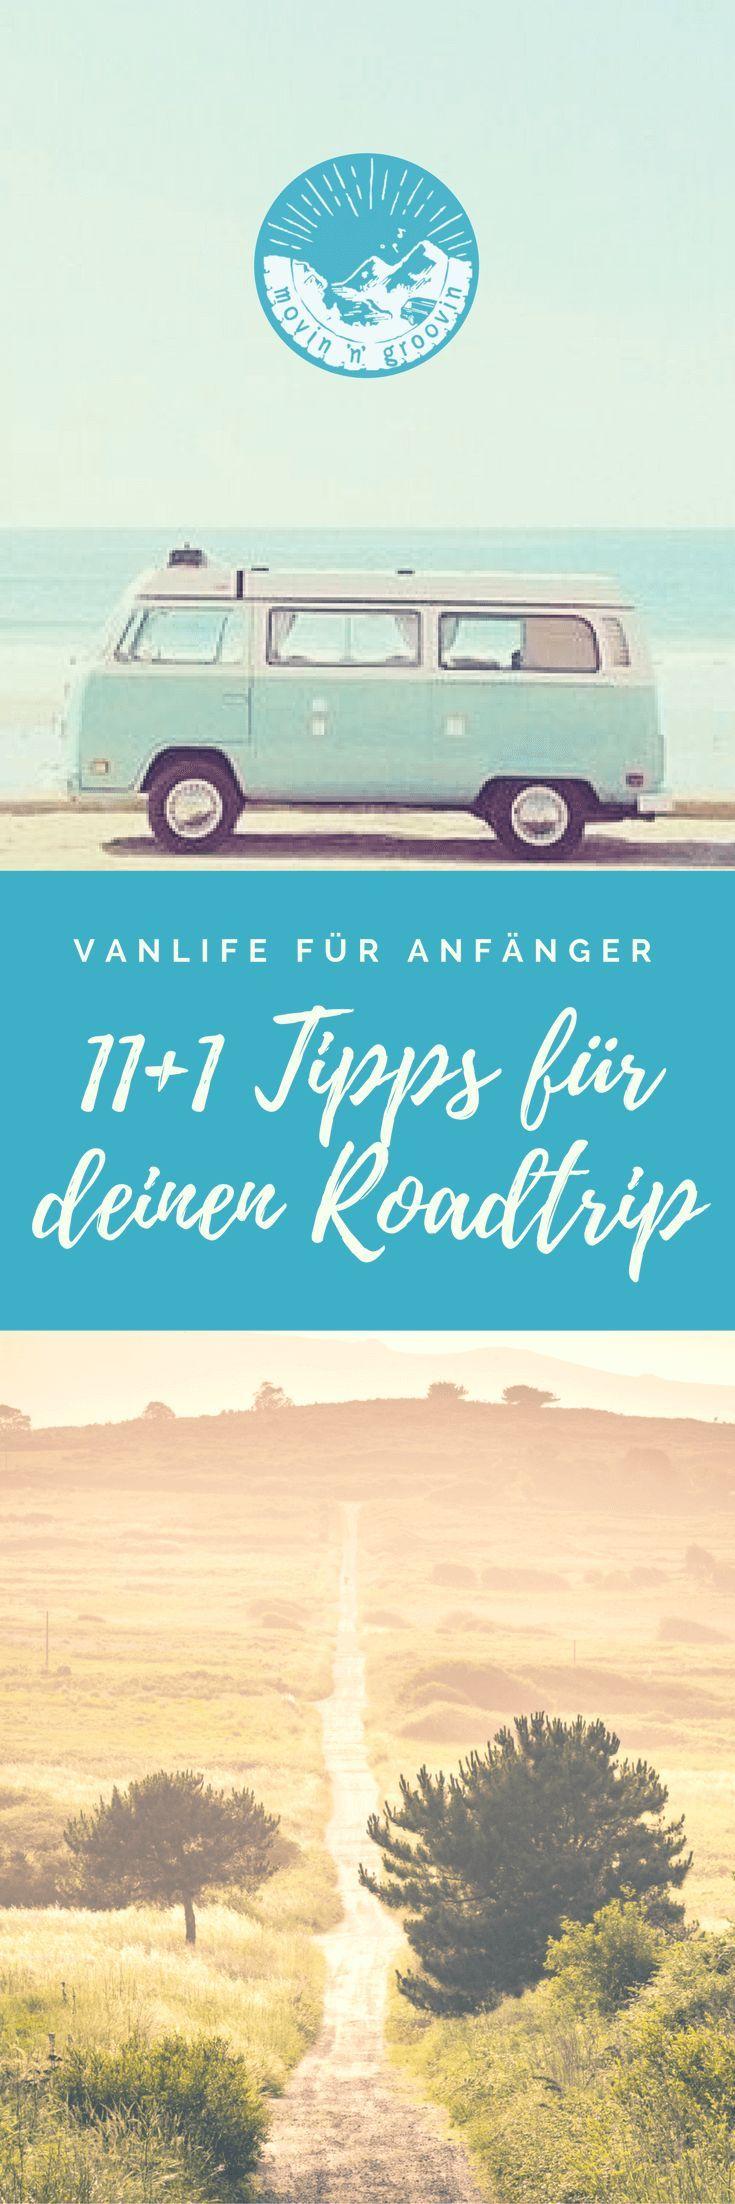 Vanlife für Anfänger: 11+1 Tipps für deinen ersten Roadtrip